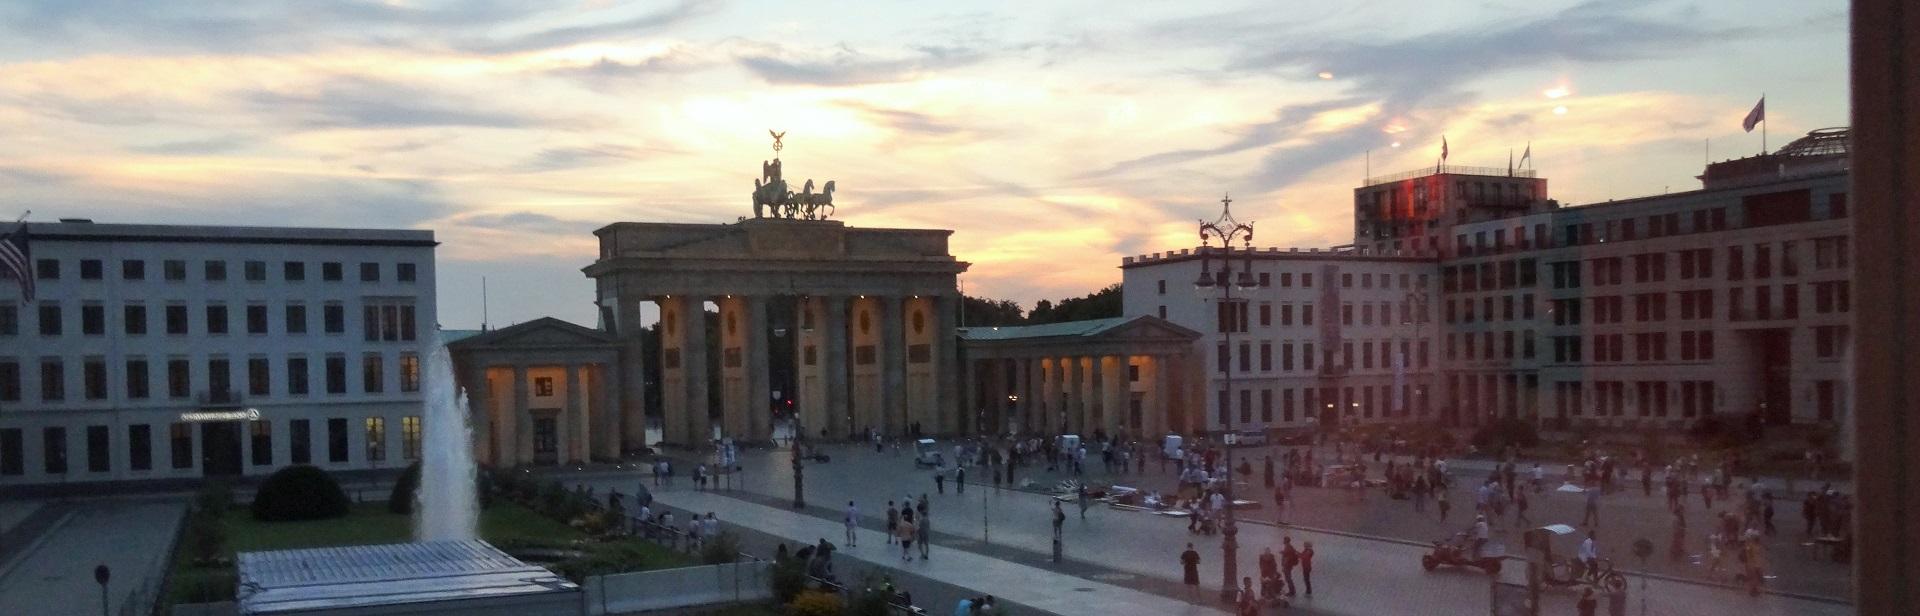 Berlin 12 sunset1 (2)